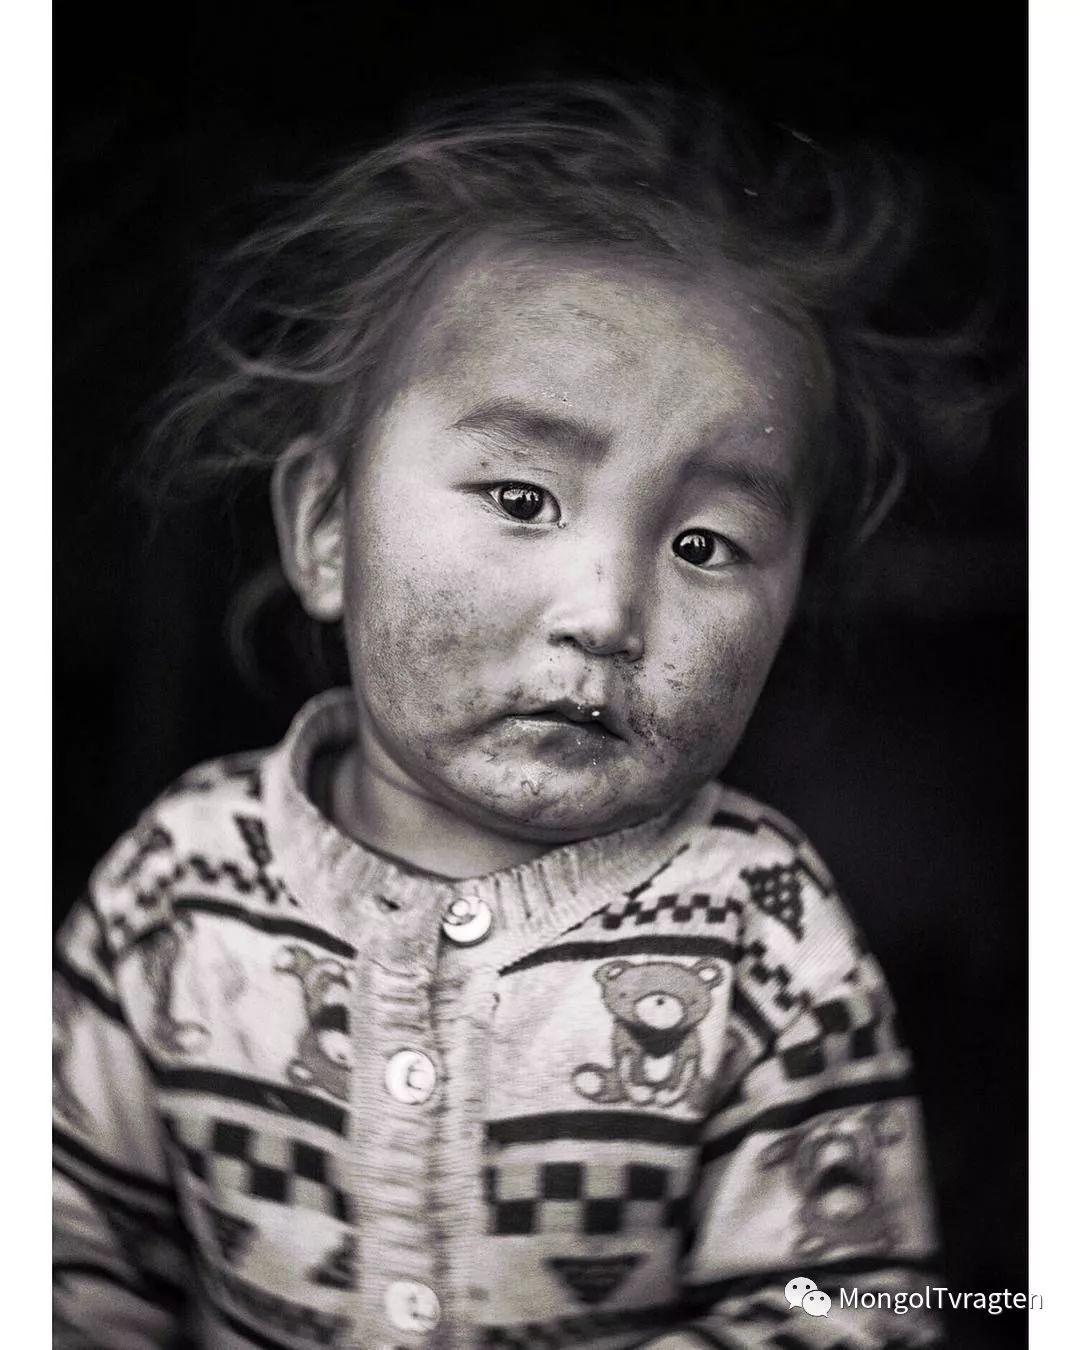 蒙古影像- c8x photography 第22张